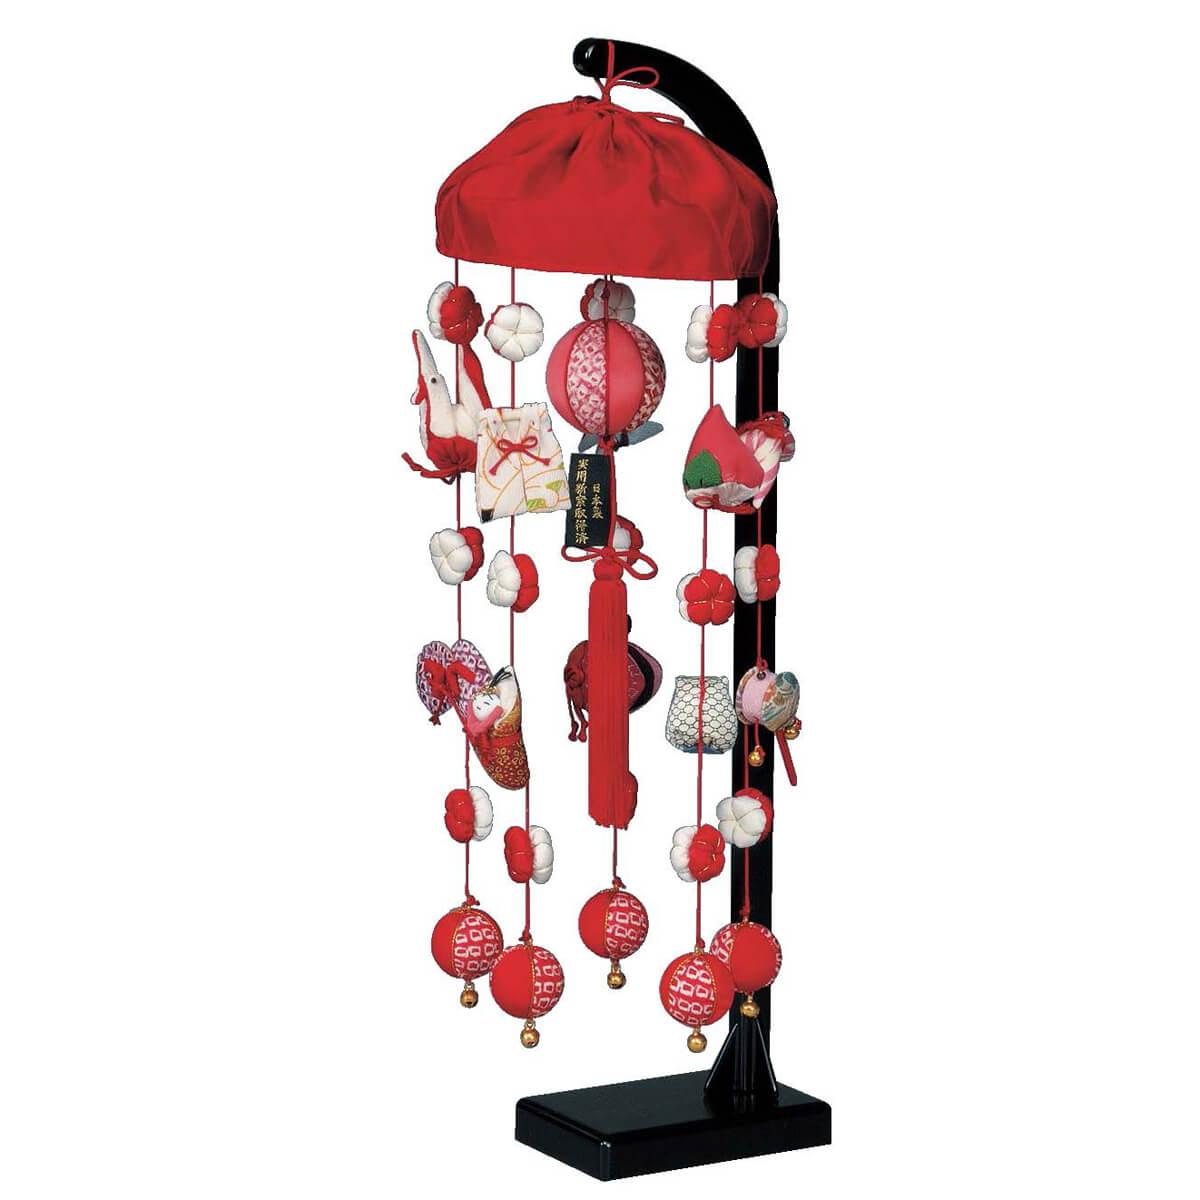 正絹小雪(小) スタンド付 TRS-H-332390送料無料 ※北海道 沖縄は除く つるし雛 吊るし飾り で 桃の節句 雛祭り ひな祭り 雛人形 のお祝いに